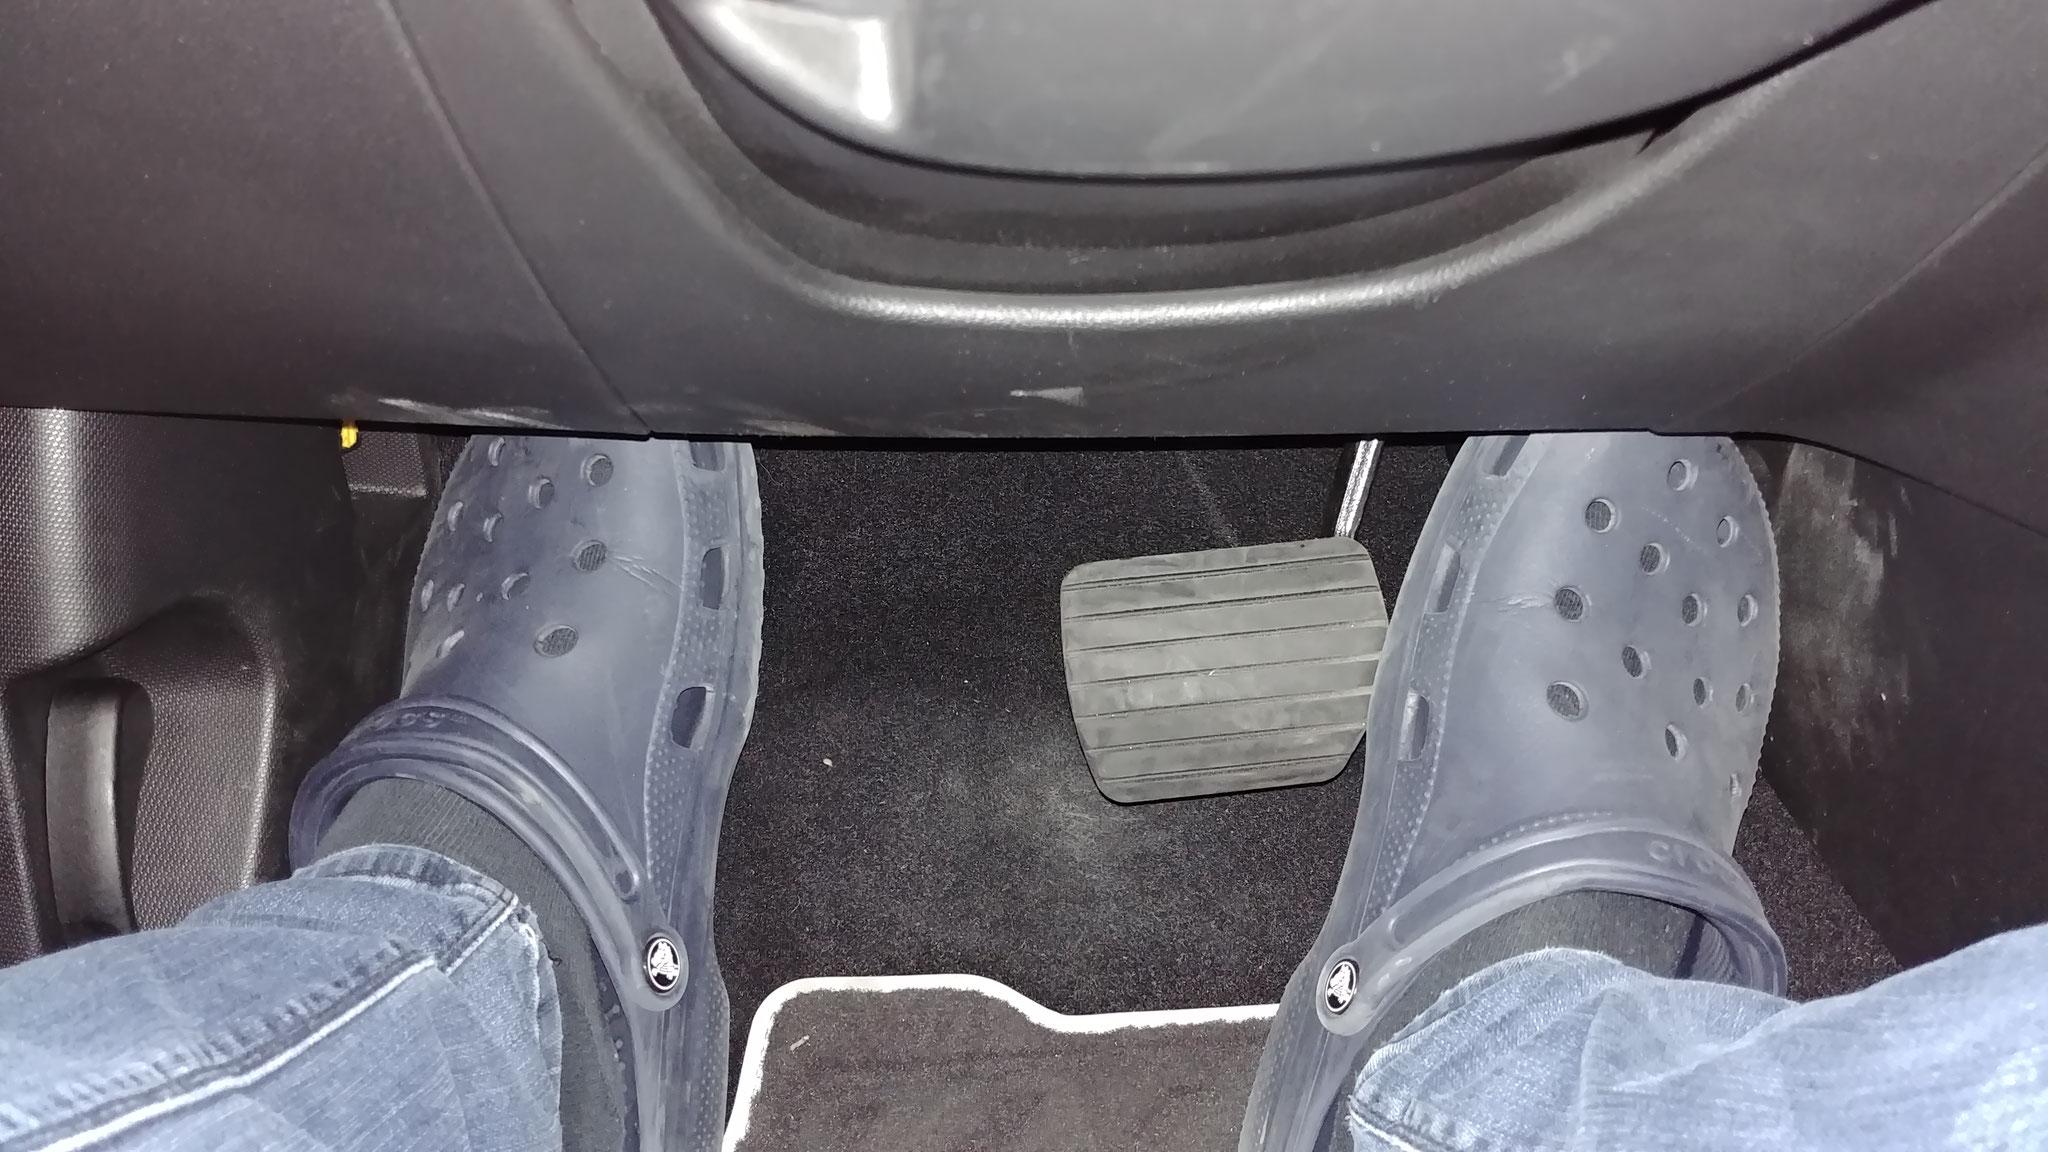 Nichts für große Füße: Die Pedale - ich trete öfters mal auf beide gleichzeitig.